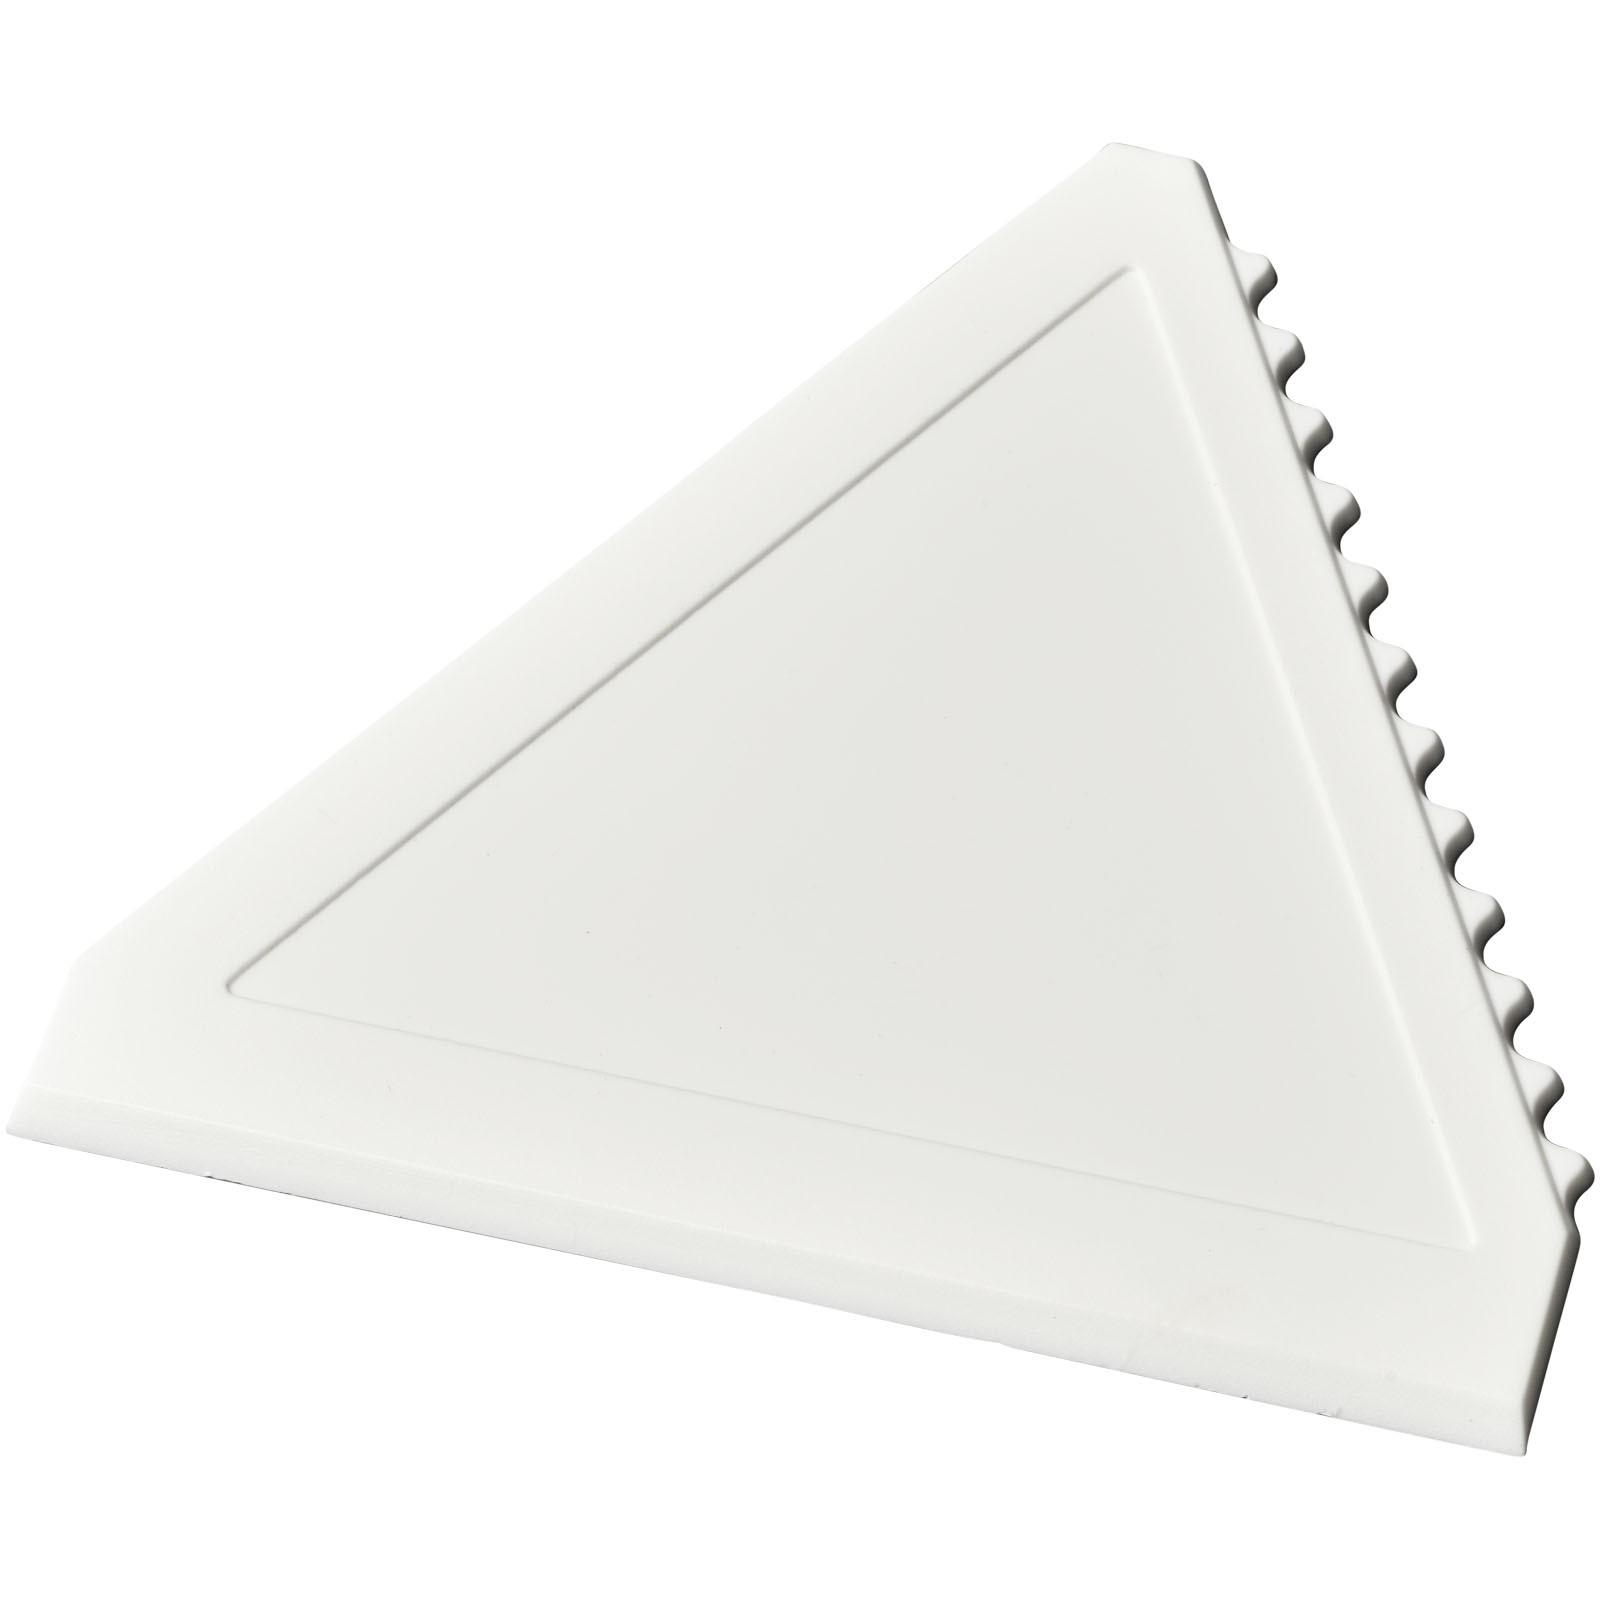 Averall dreieckiger Eiskratzer - Weiss